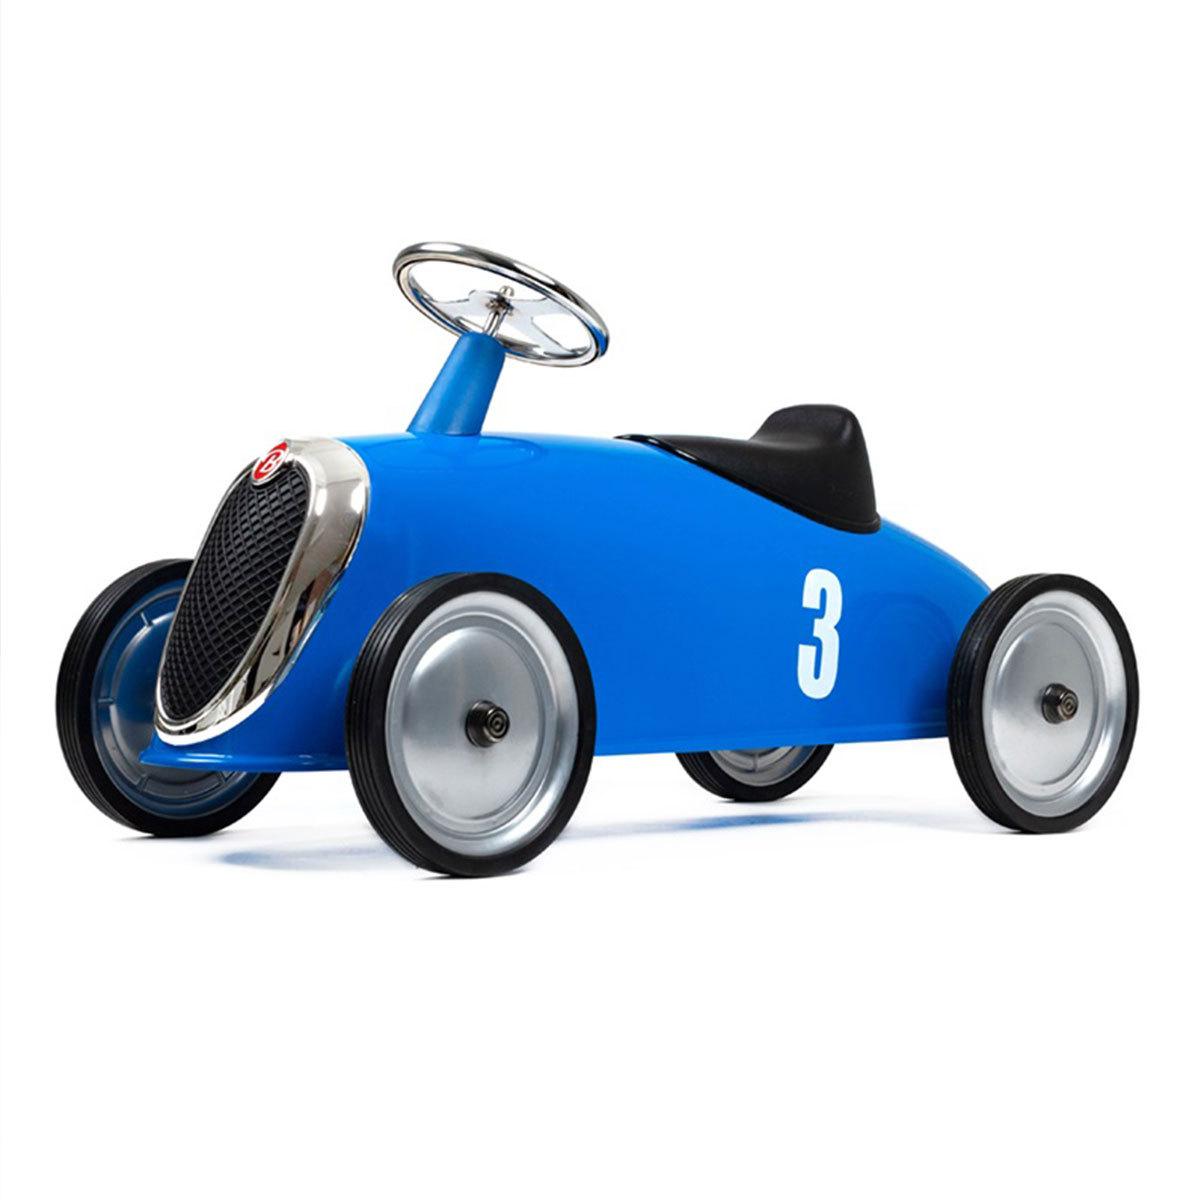 Trotteur & Porteur Porteur Rider - New Blue